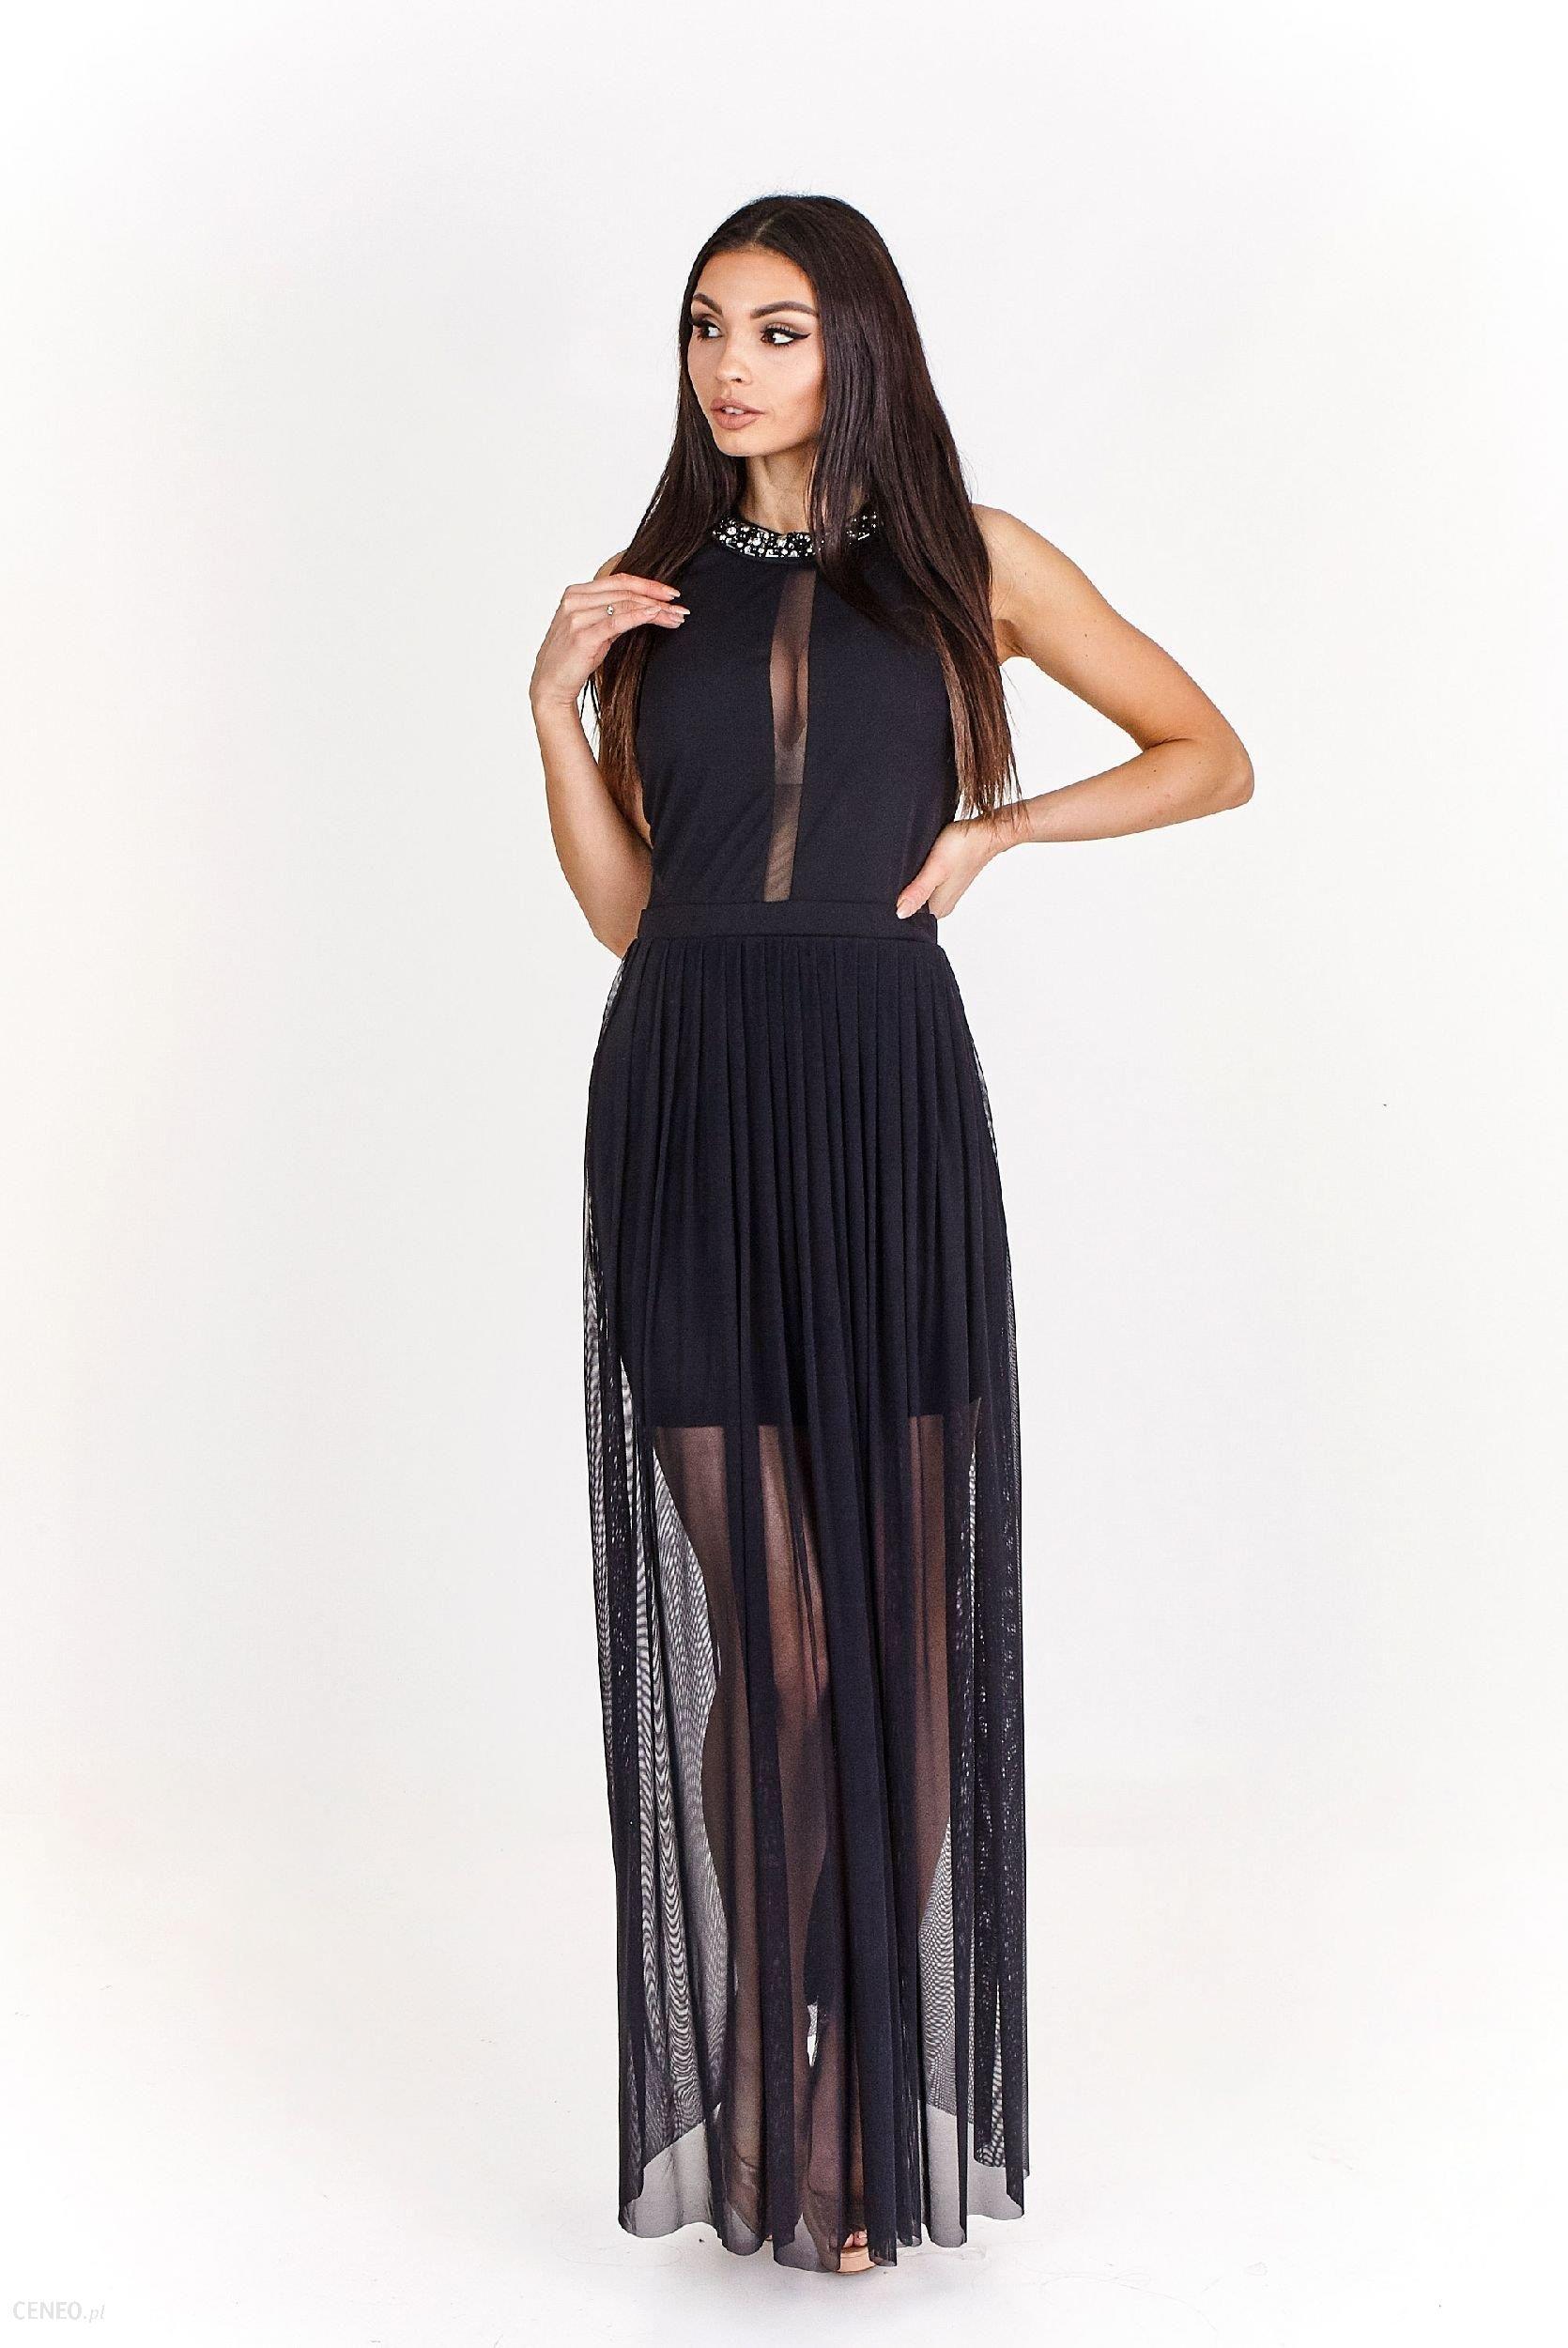 8f83783f Ptak Moda Seksowna, dwuwarstwowa sukienka maxi M55890 czarna r. 36 - Ceny i  opinie - Ceneo.pl